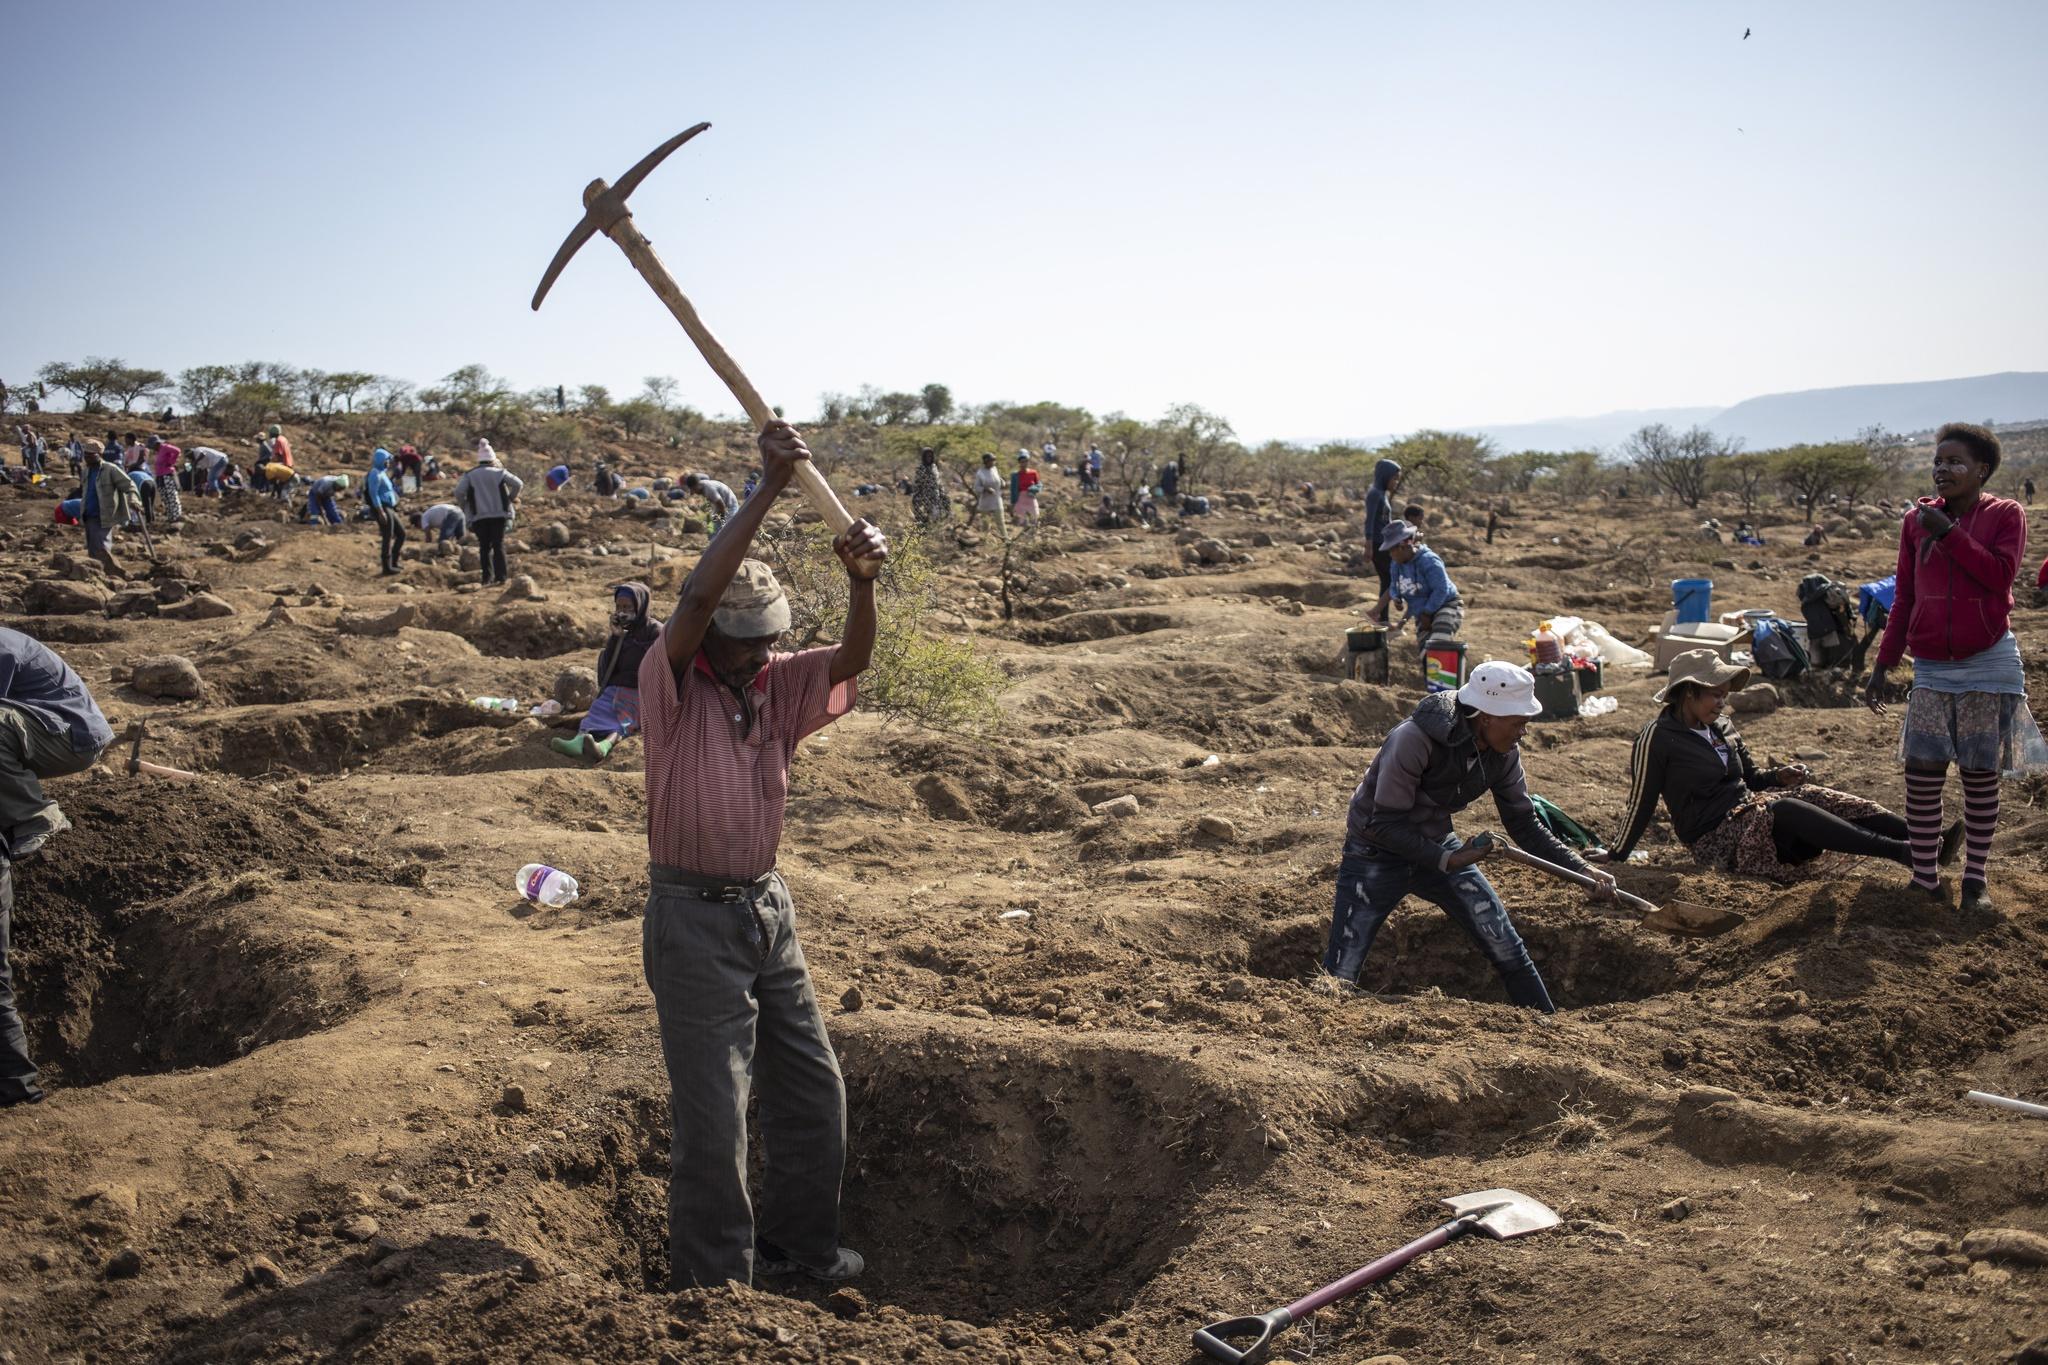 África: Polícia sul-africana descobre 20 corpos de mineiros ilegais